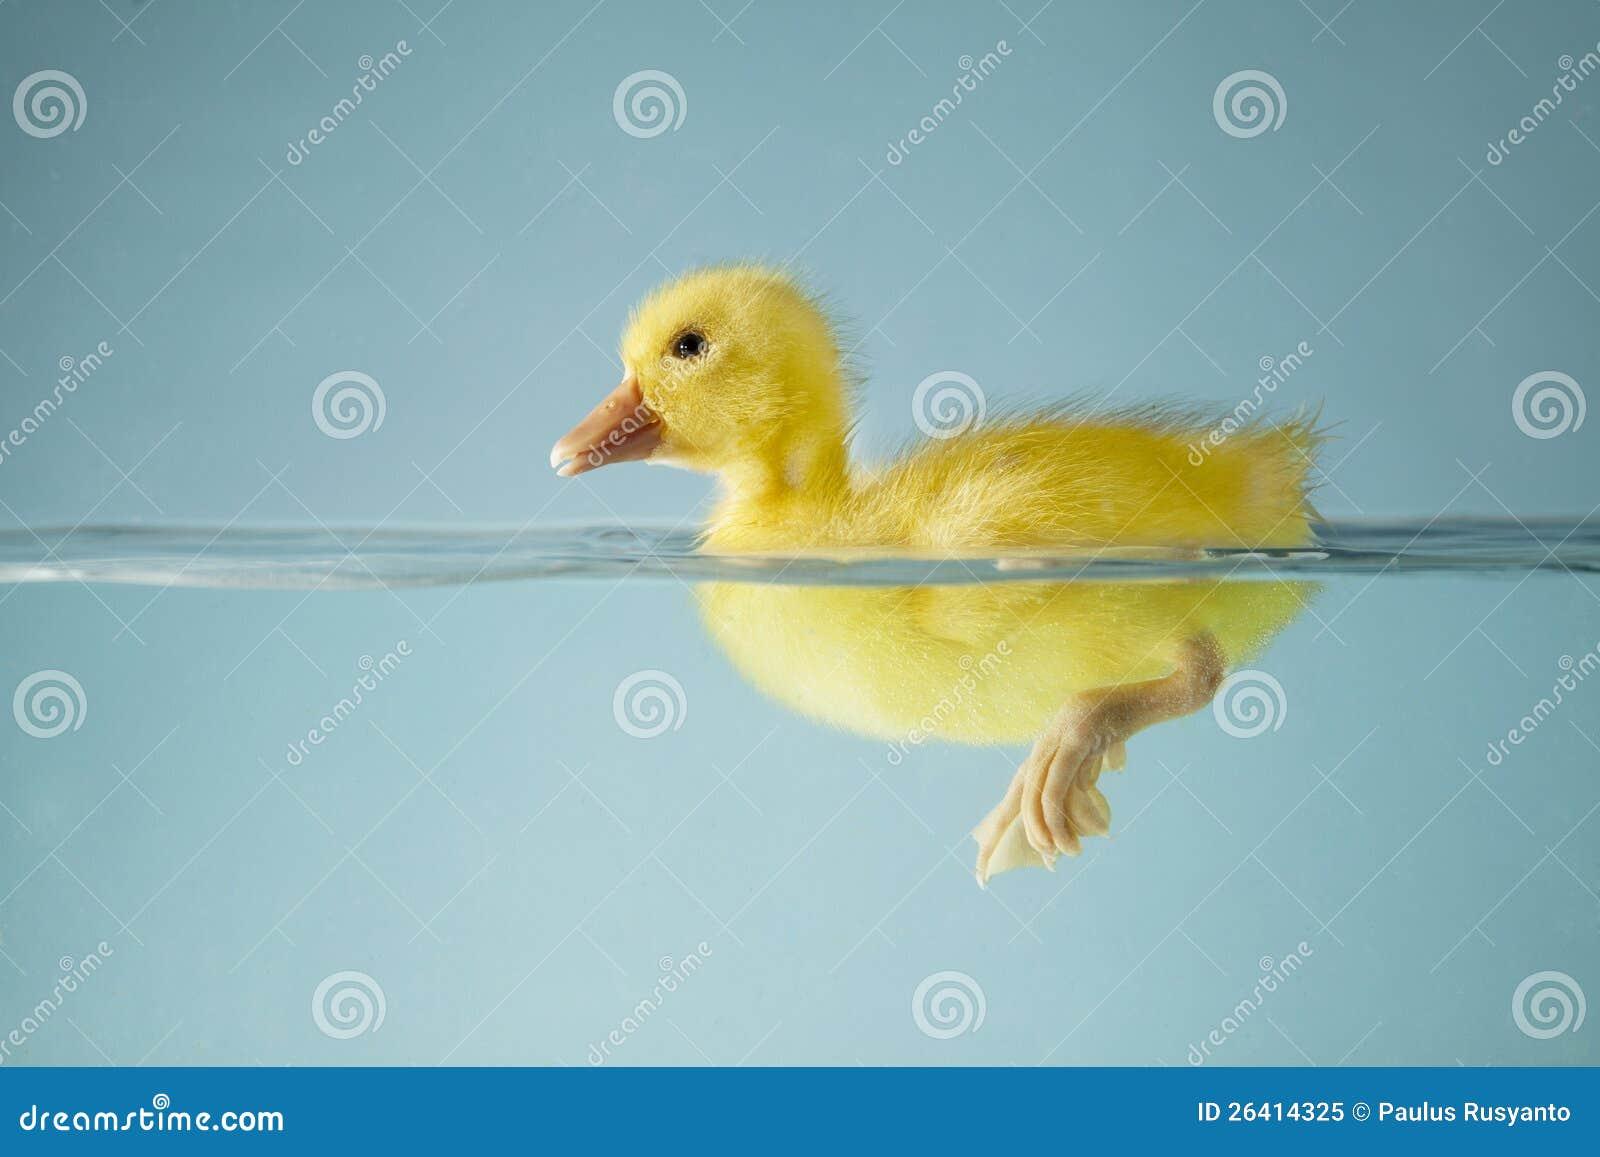 Kleine eend die op water drijft